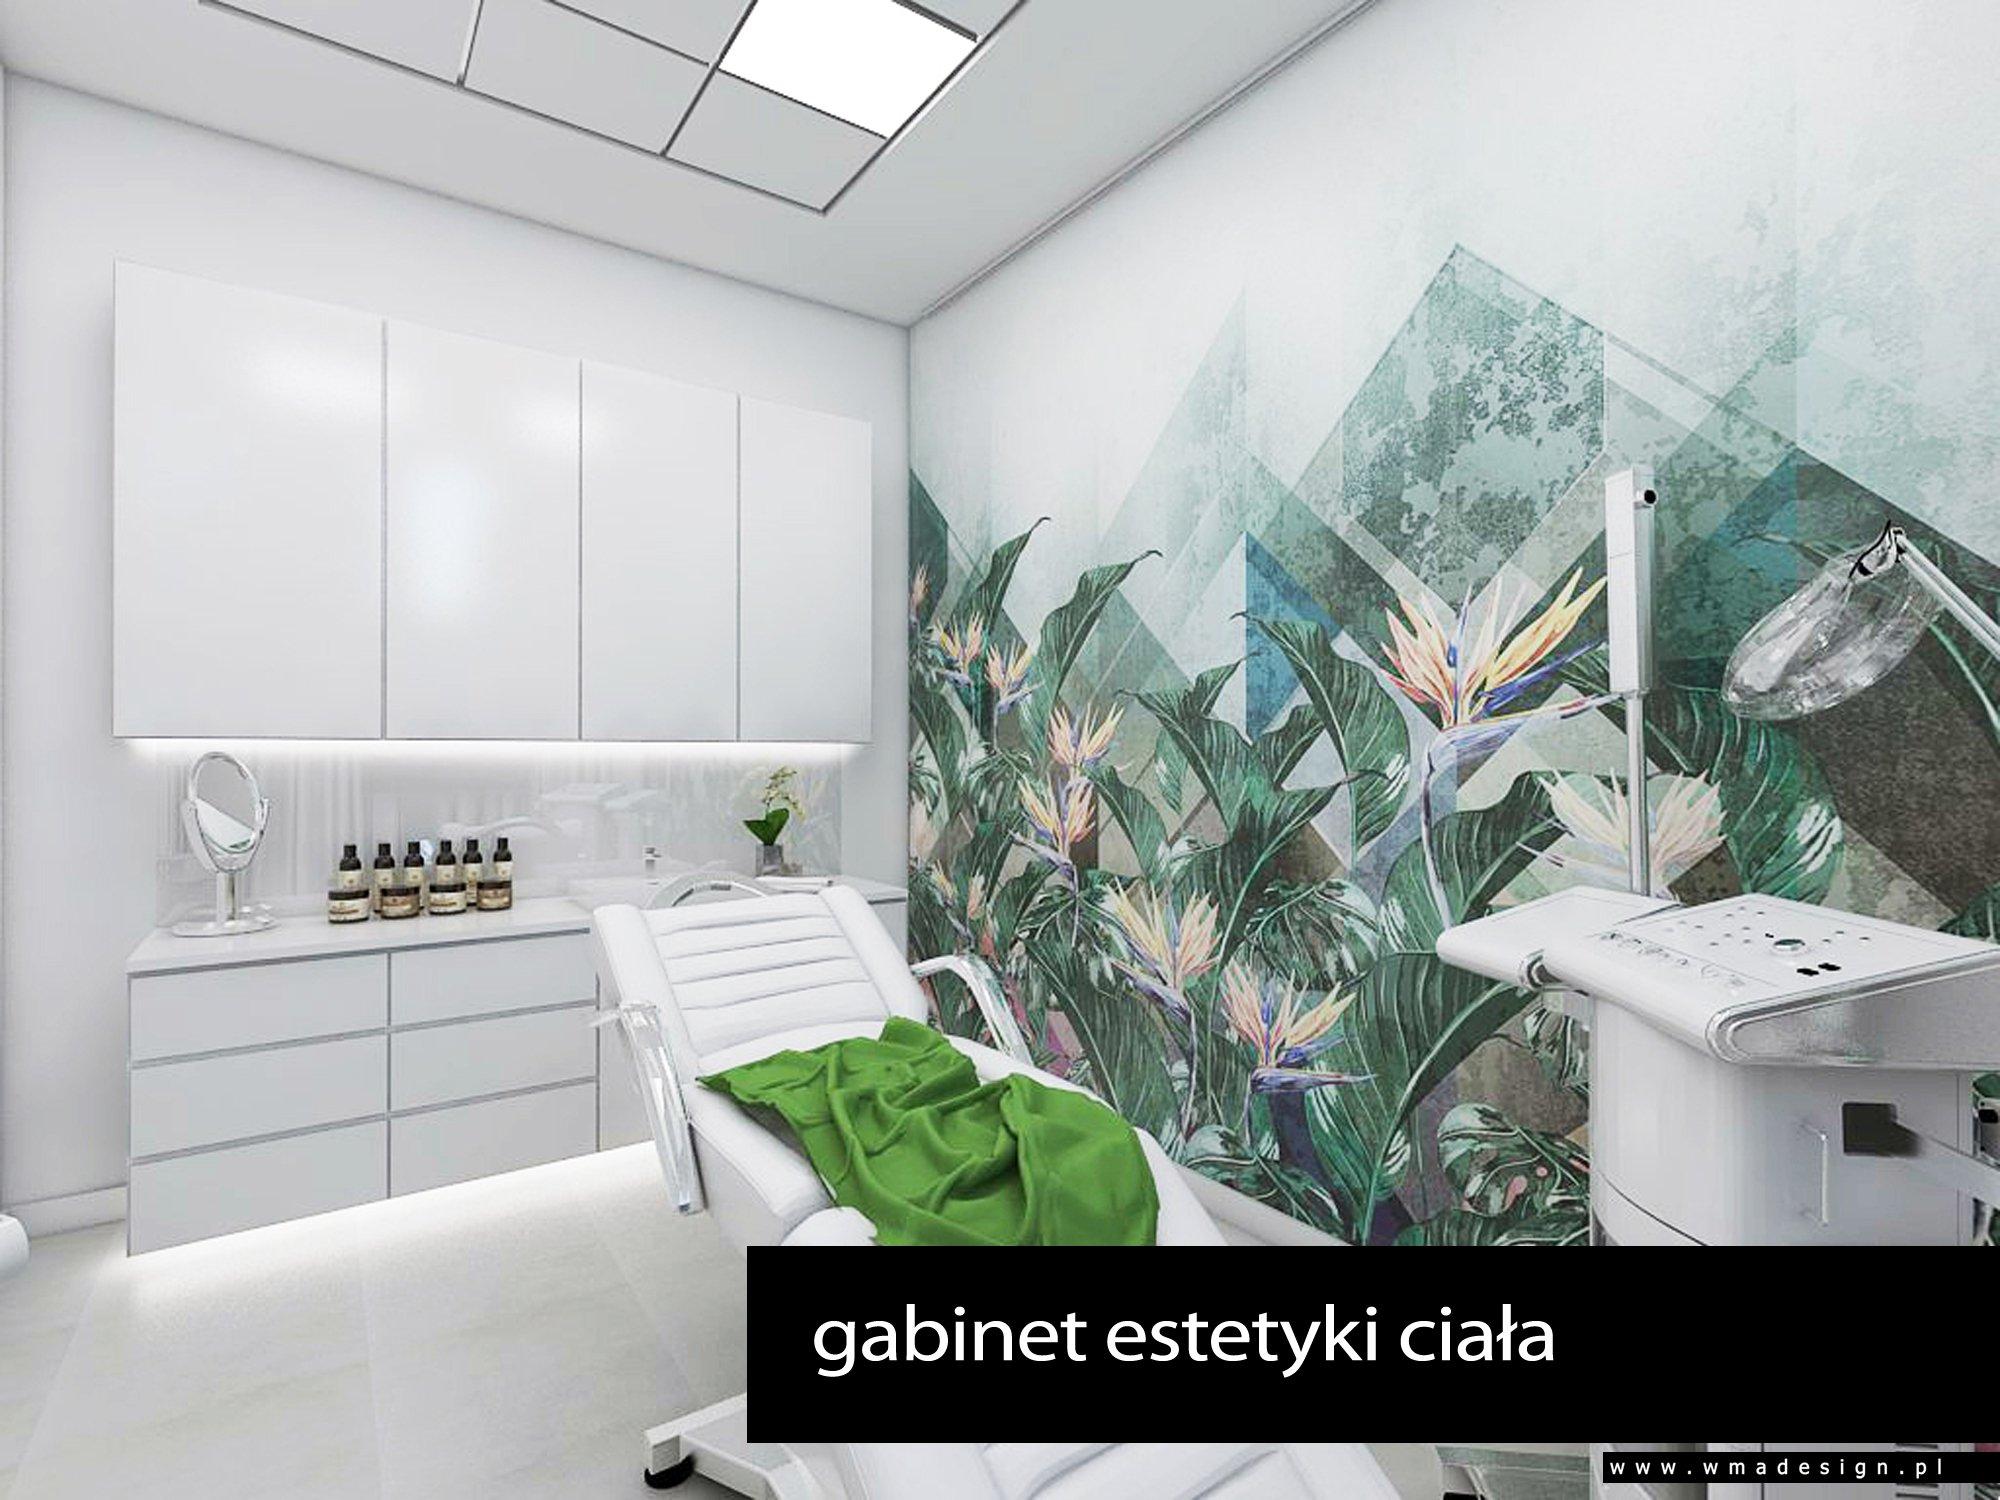 gabinet estetyki ciała Warszawa WMA Design